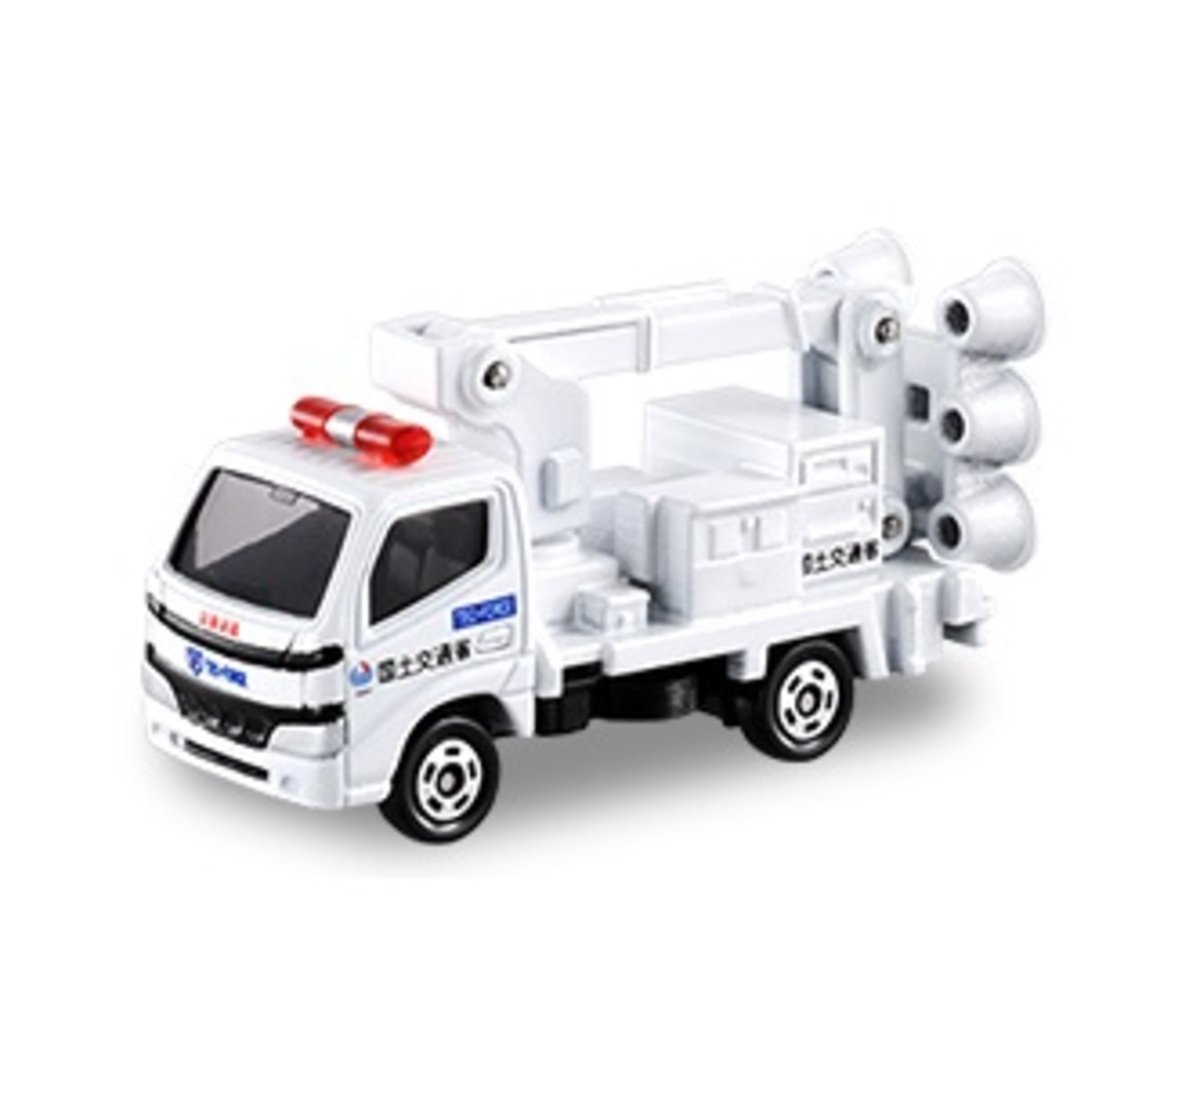 Tomy 32 Mlit Lighting Vehicle